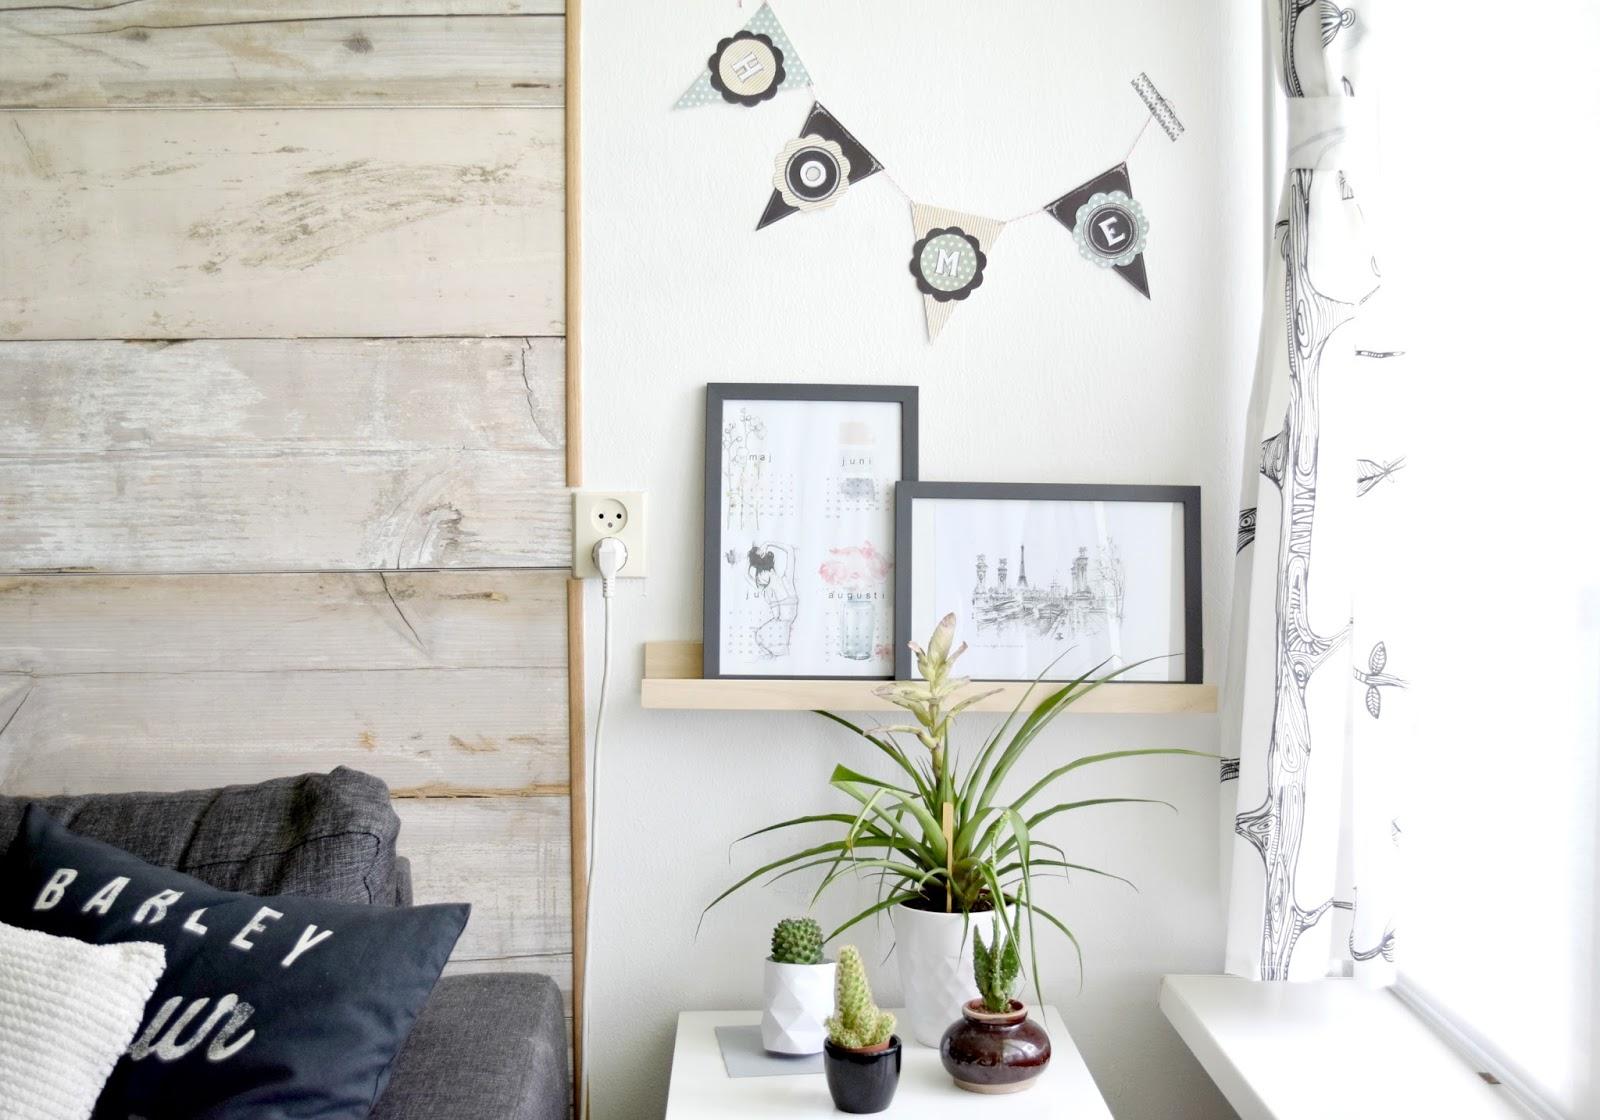 dekoracja na pustej ścianie